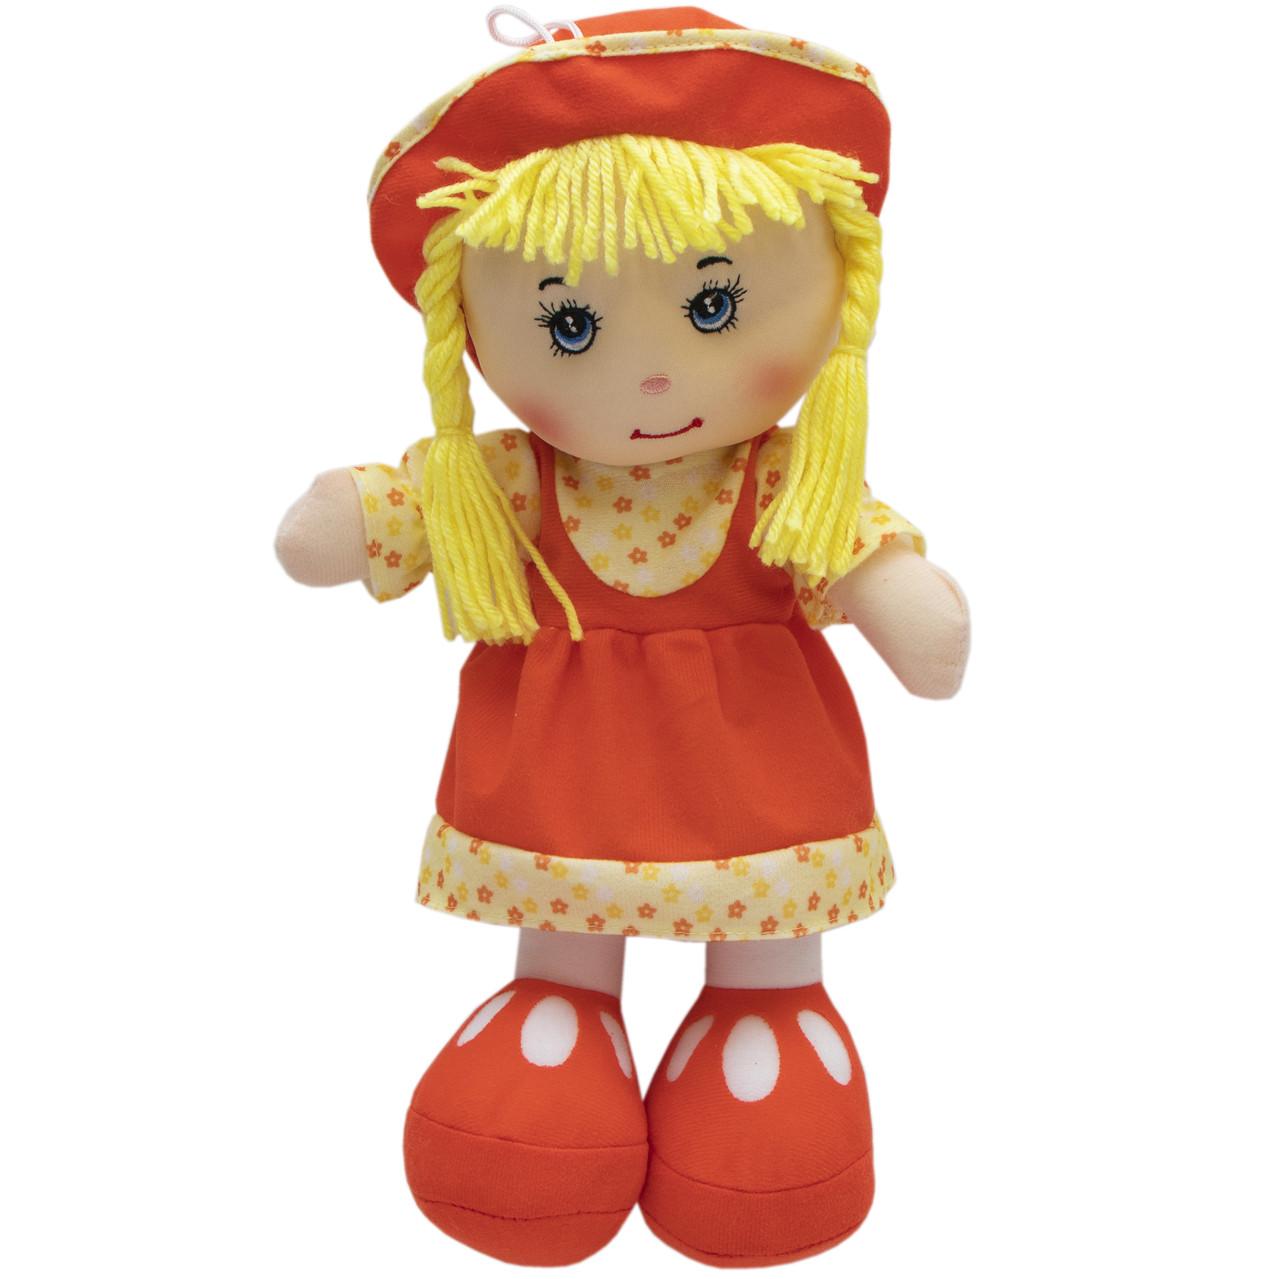 Мягкая игрушка кукла с вышитым лицом, 36 см, красное платье (860821)